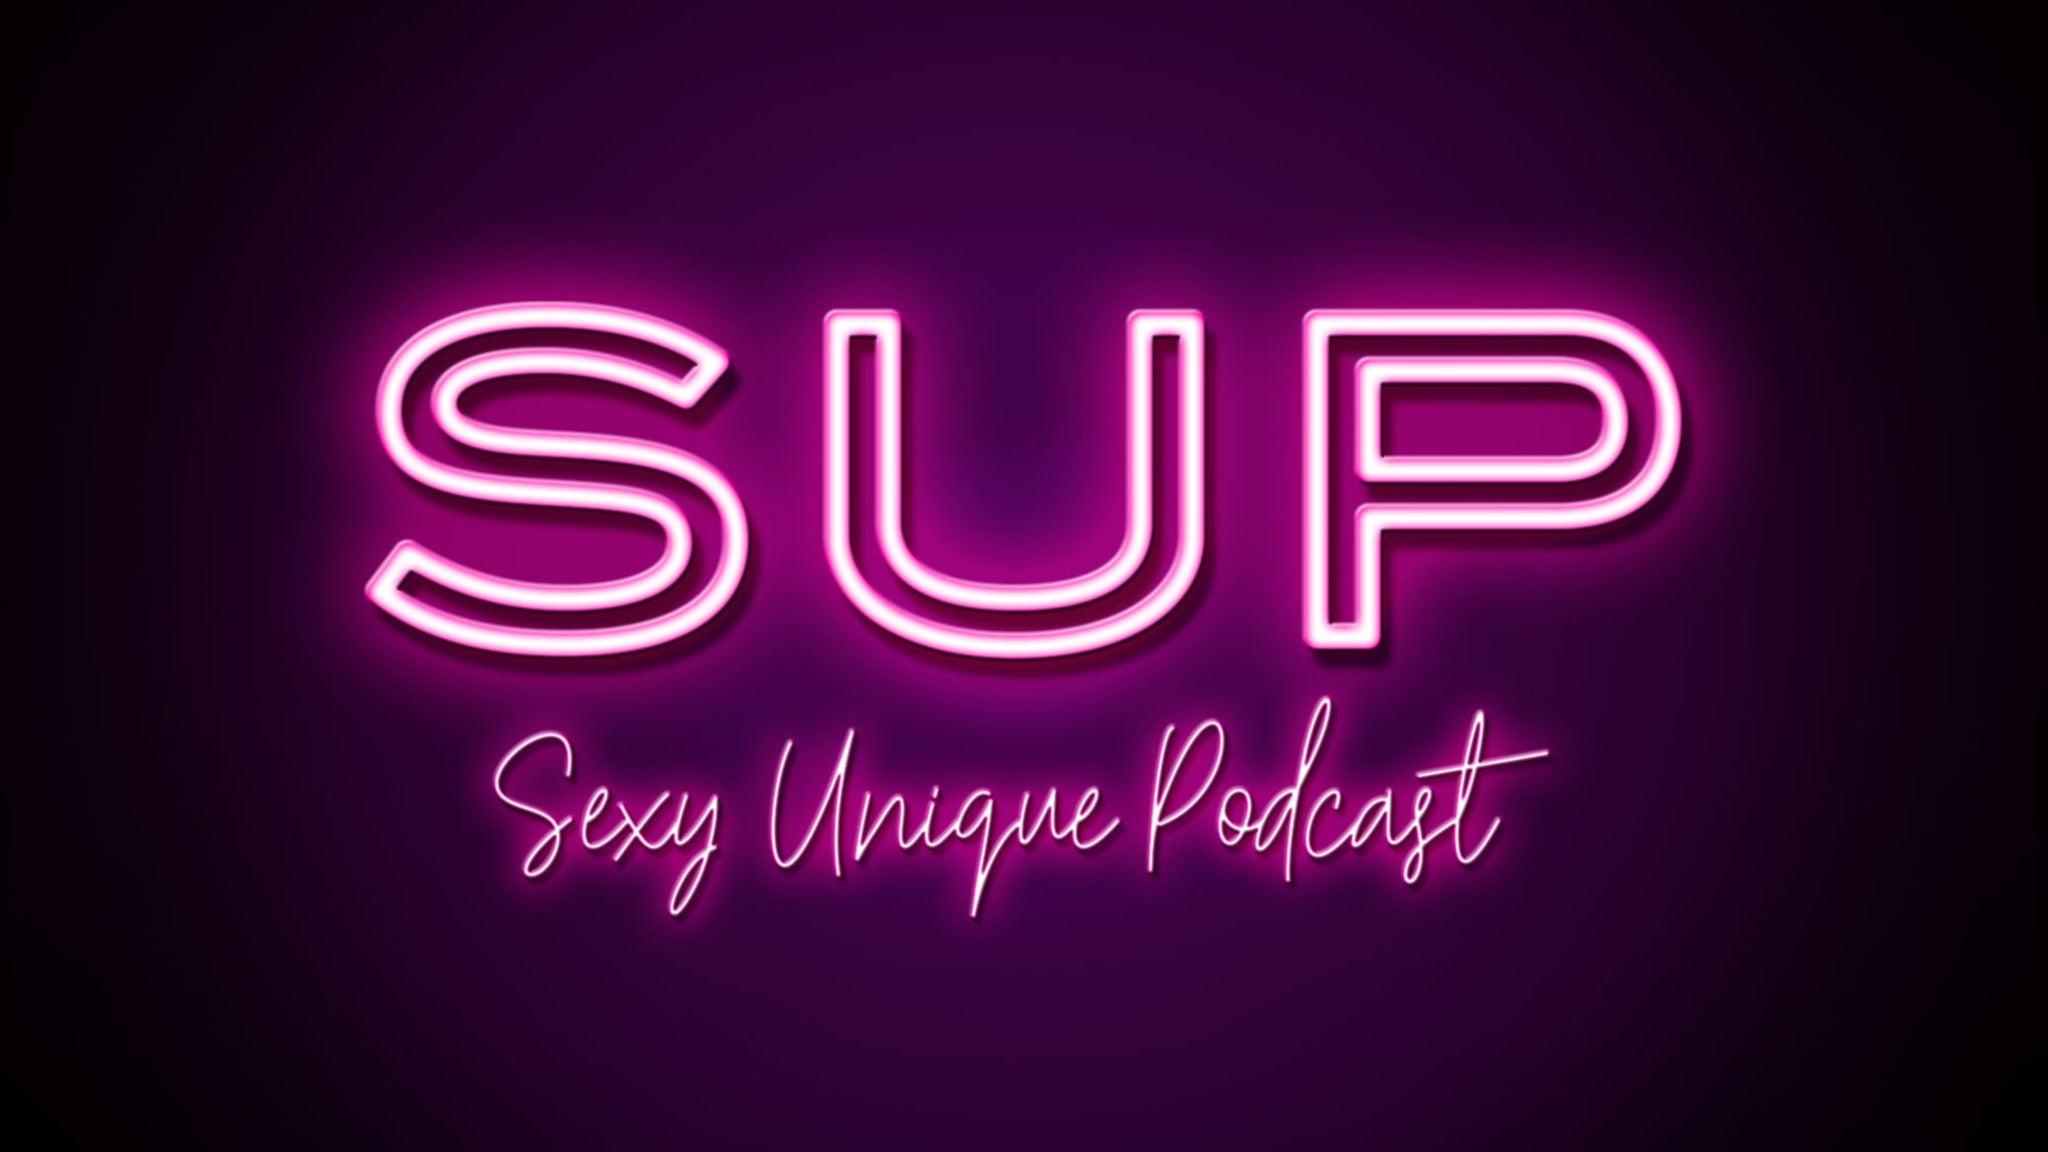 Sexy Unique Podcast pre-sale password